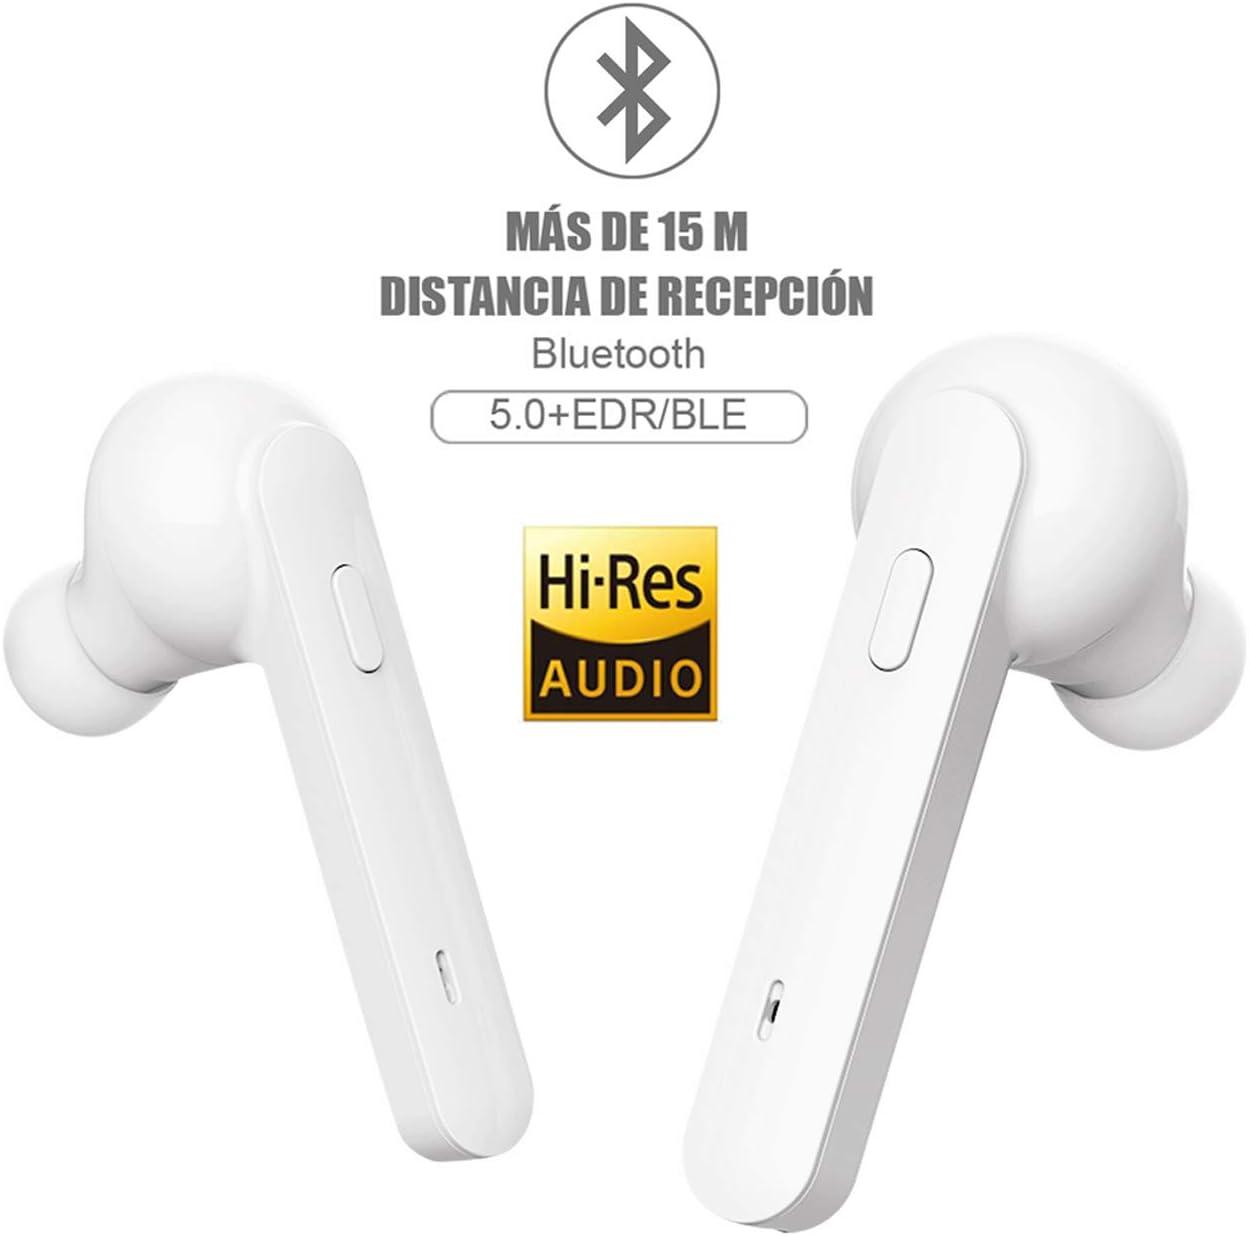 Auriculares Bluetooth,Auriculares inalámbricos Johnbee Bluetooth 5.0 Mini Twins Estéreo In-Ear Auriculares Carga Rapida Resistente al Agua con Caja de Carga para iPhone y Android: Amazon.es: Electrónica